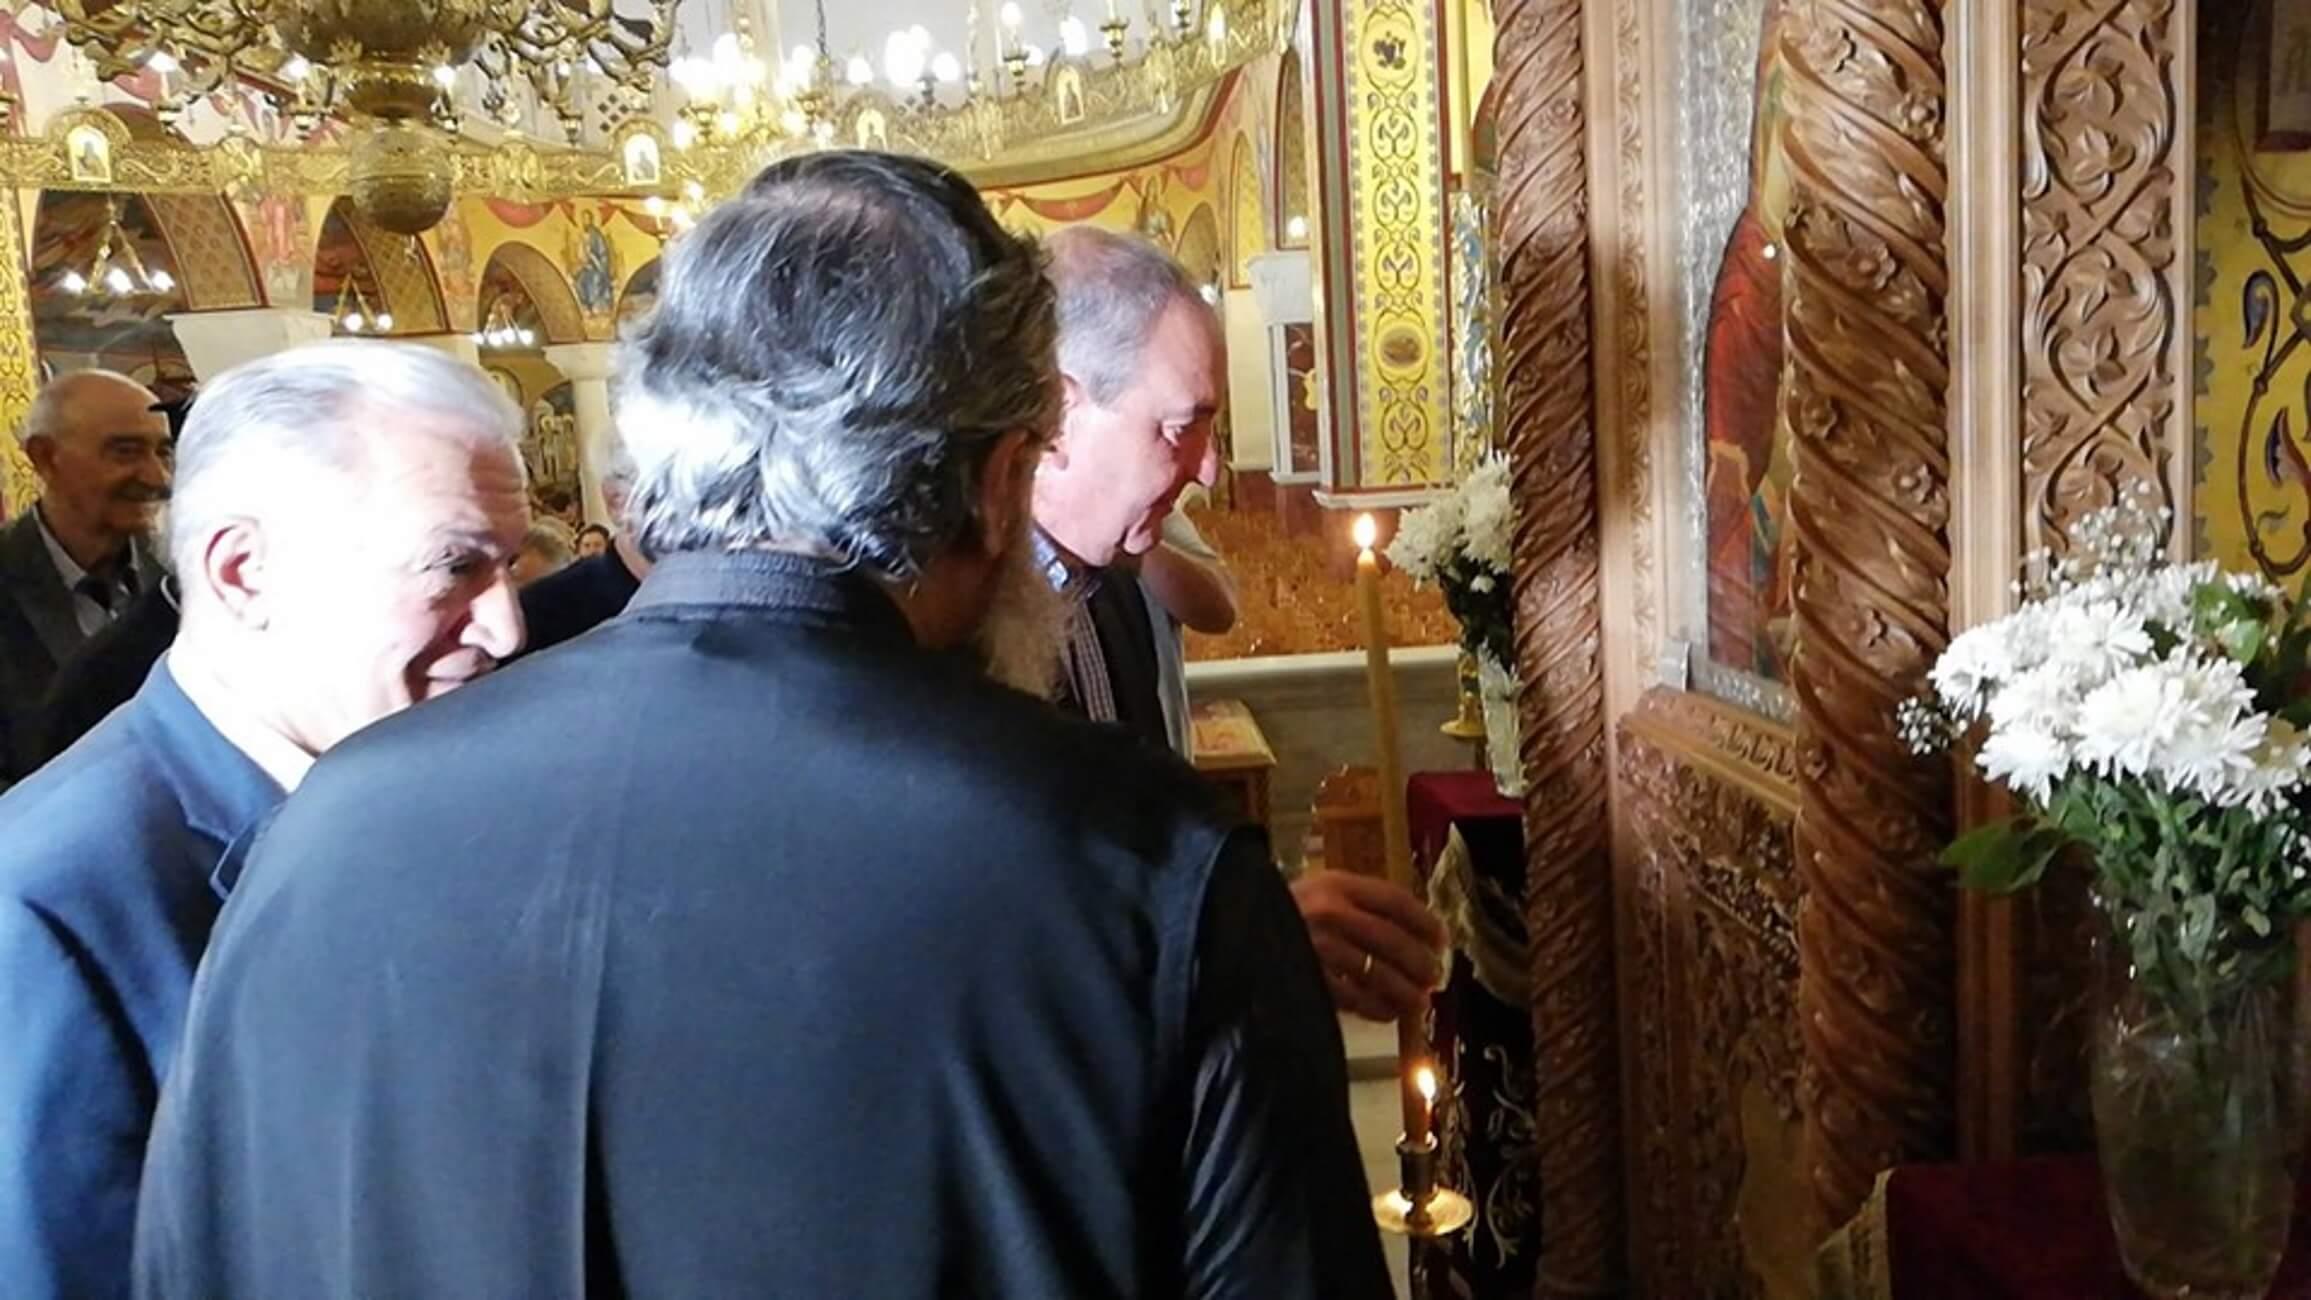 Ο πρώην πρωθυπουργός Κώστας Καραμανλής στην εκκλησία του Αγίου Παντελεήμονα στους Αμπελοκήπους Θεσσαλονίκης